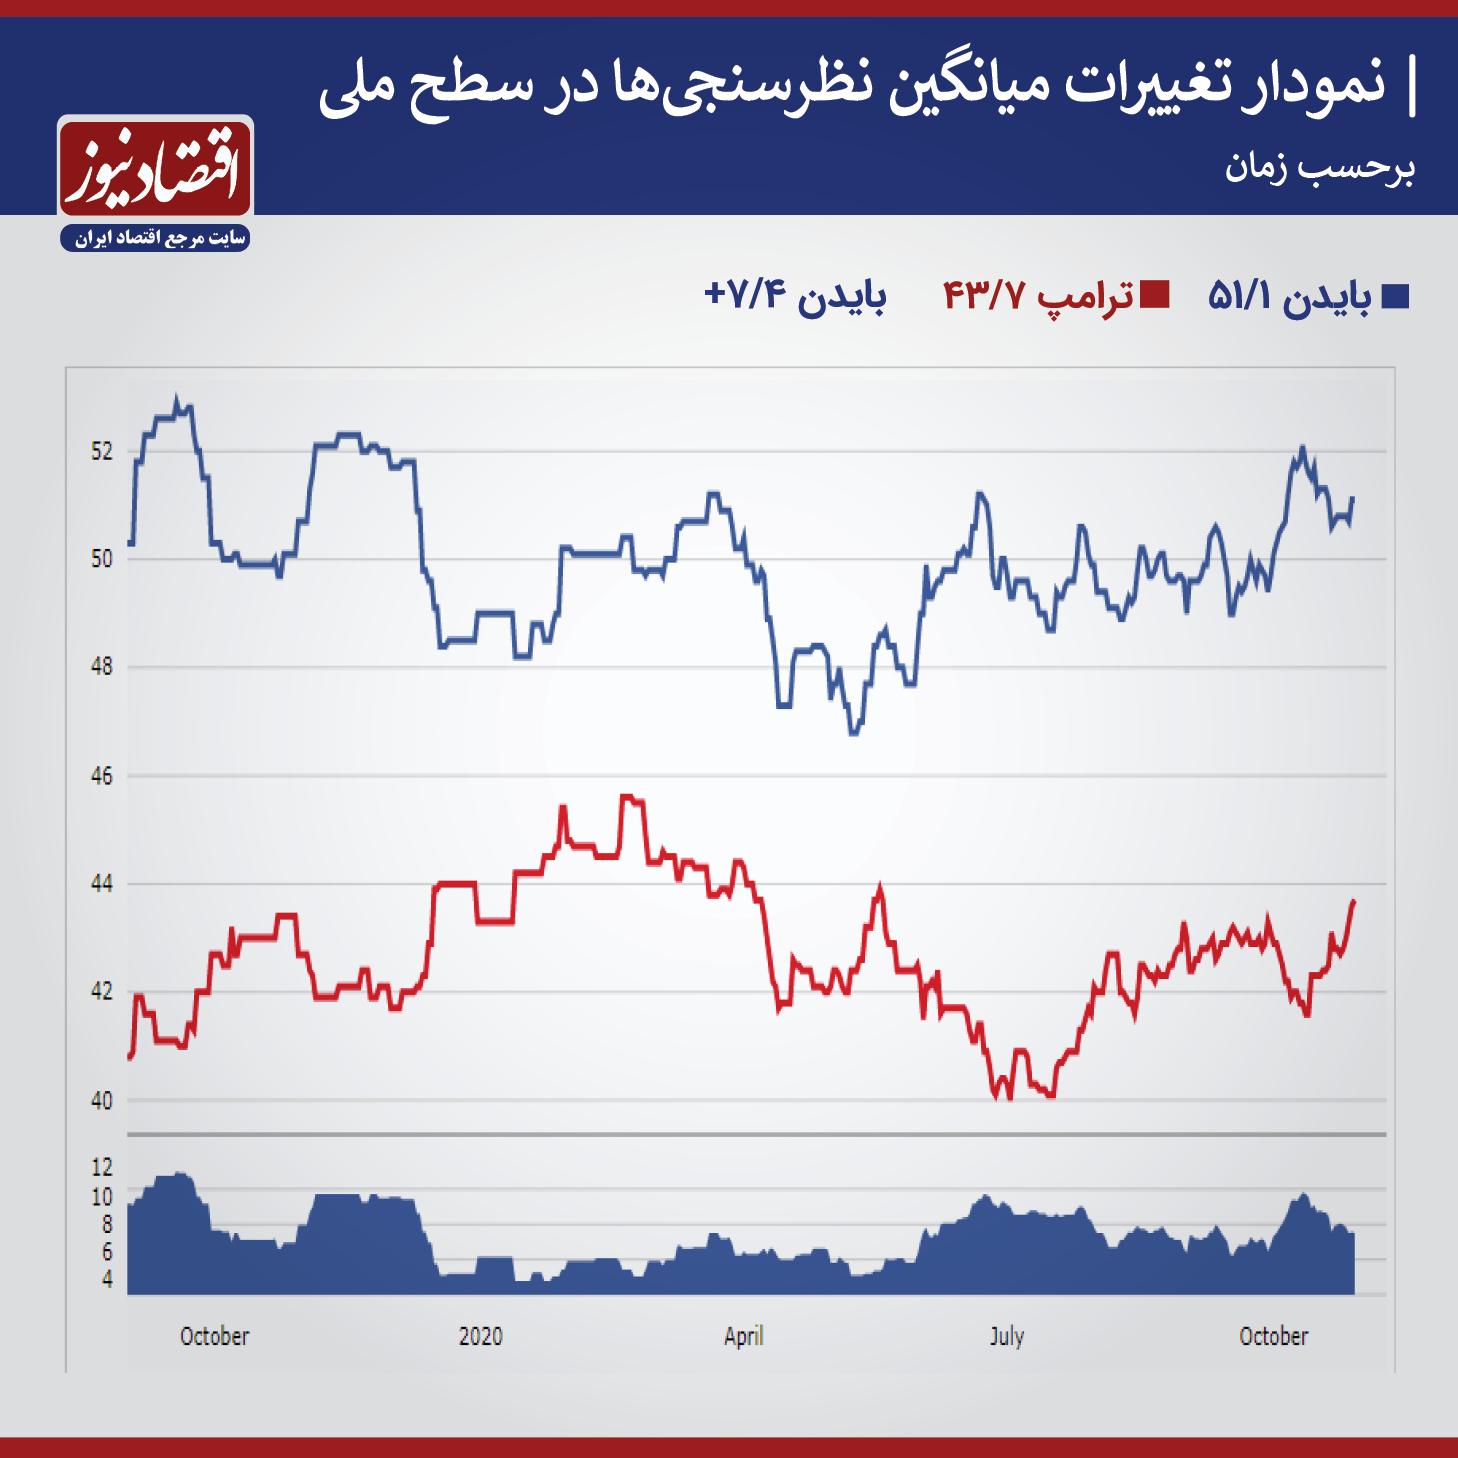 بسته خبری ویژه انتخابات آمریکا ۴